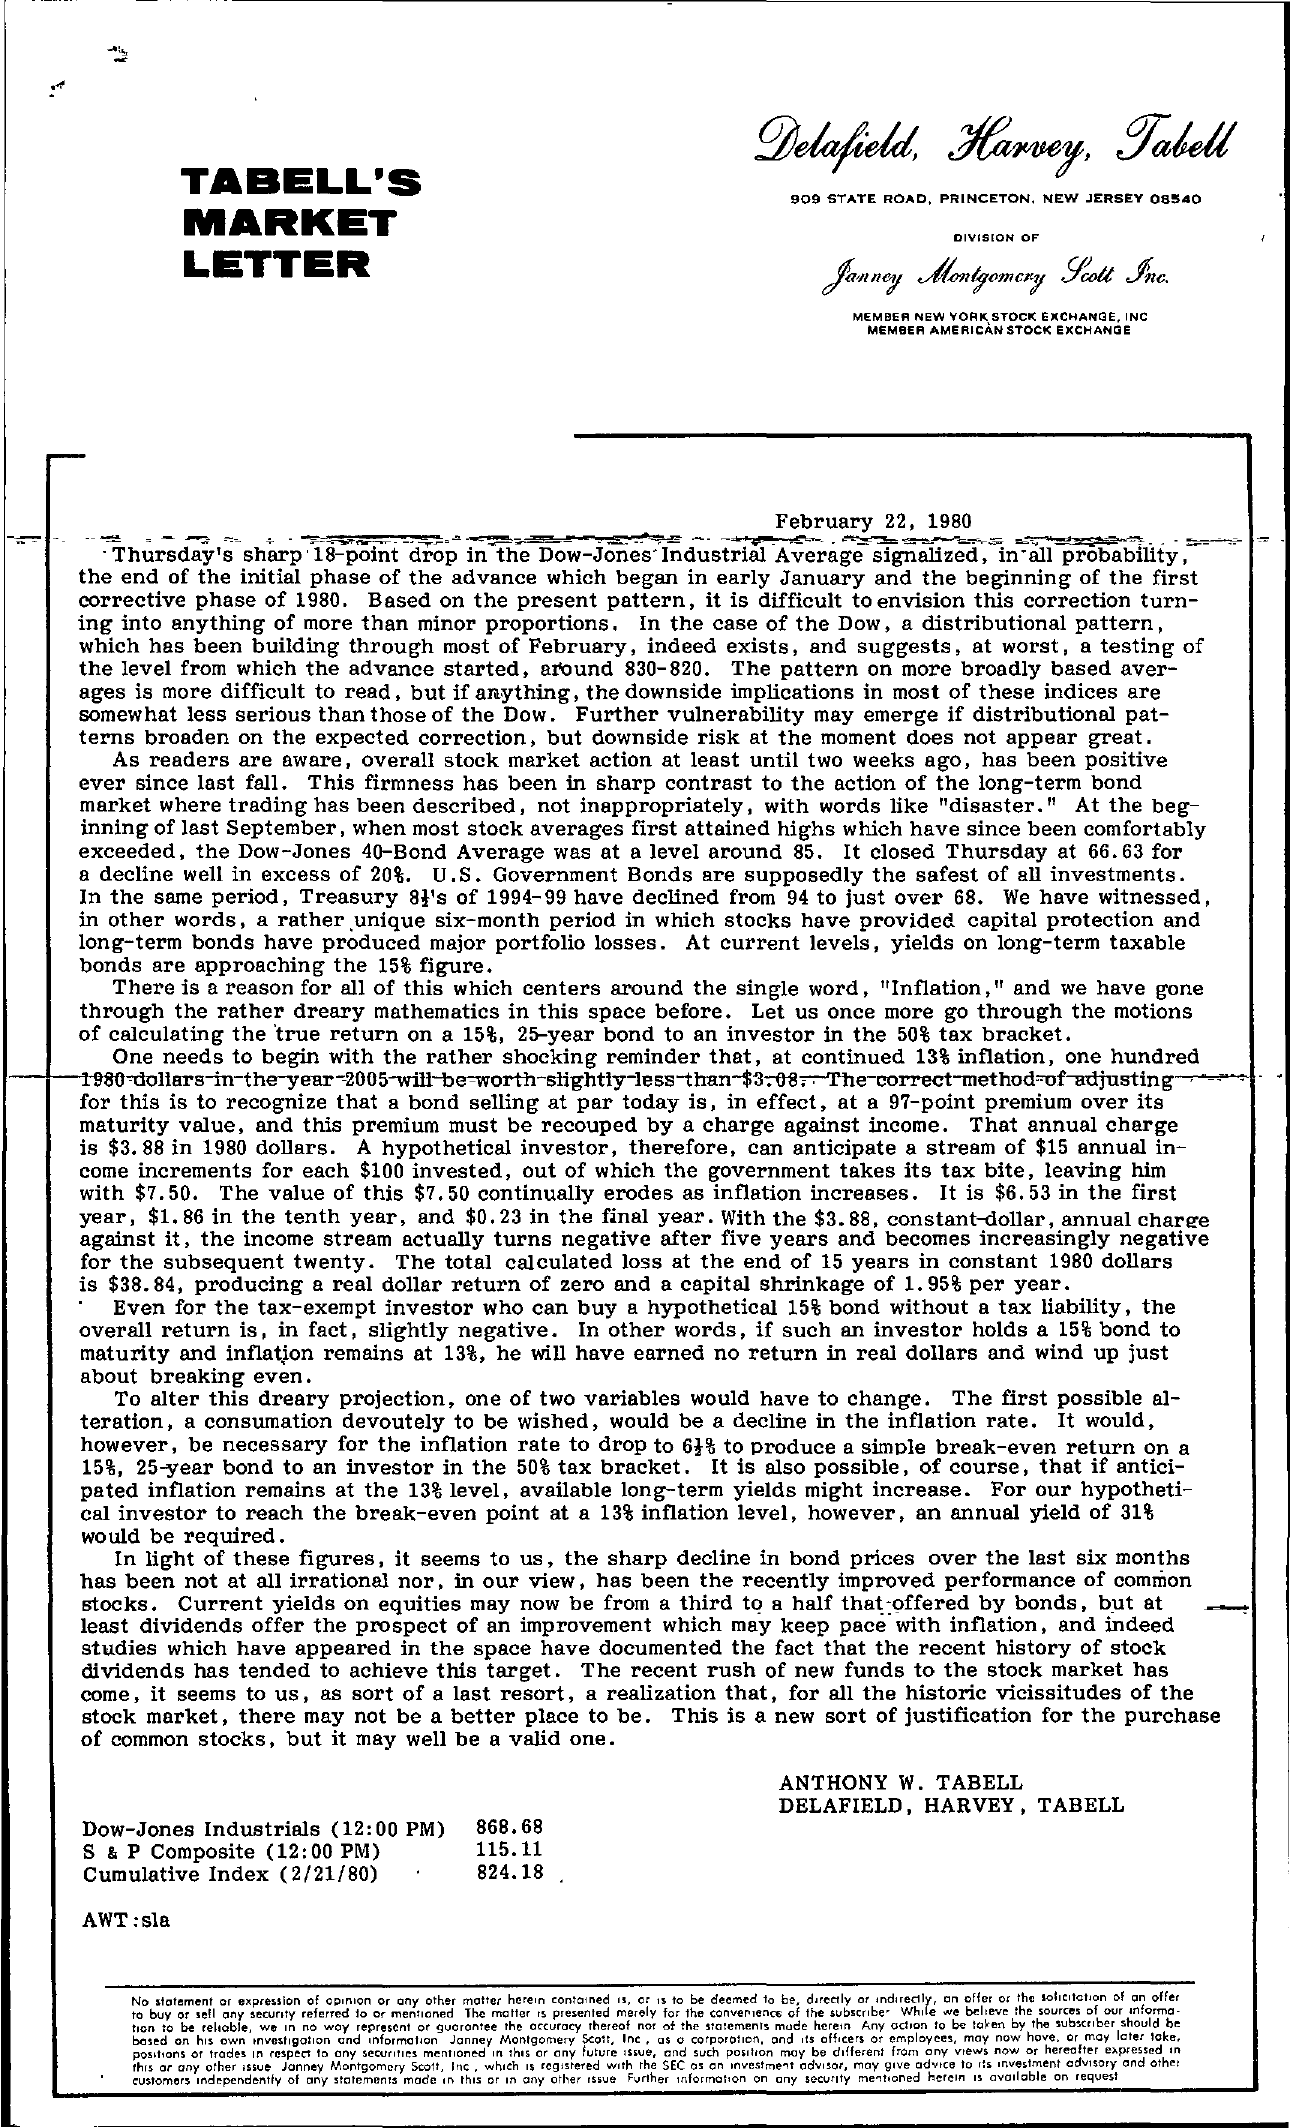 Tabell's Market Letter - February 22, 1980